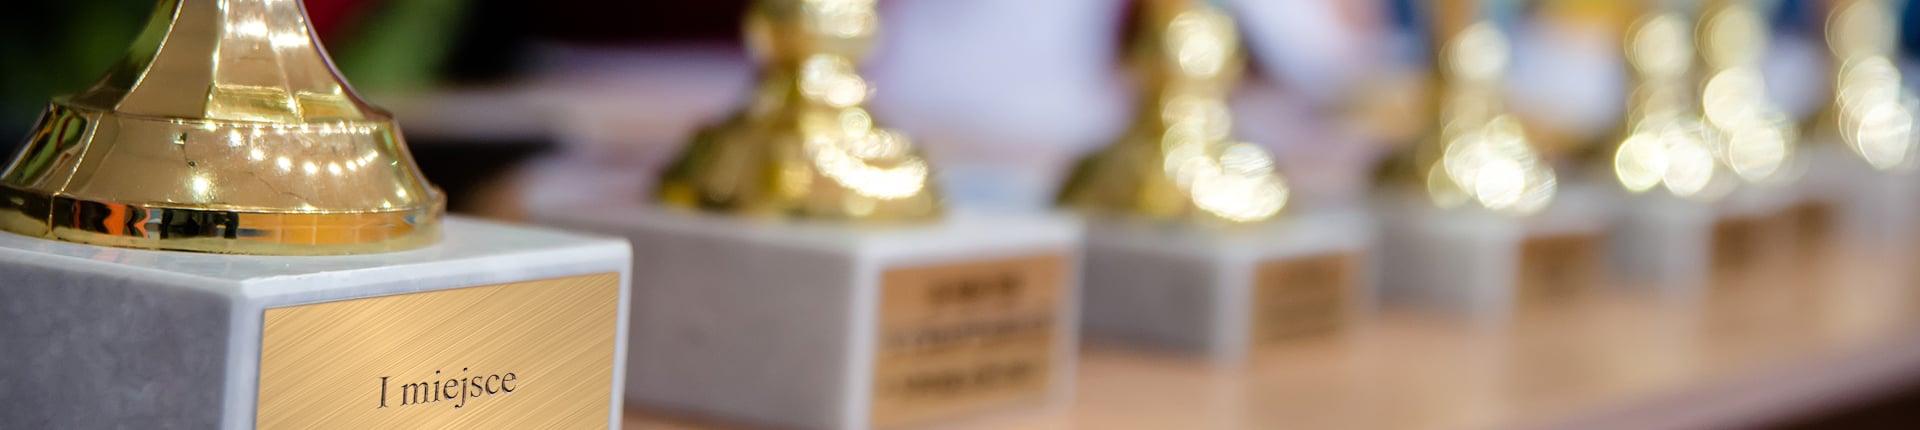 MŚ Weteranów IFBB 2019 - Dzień pierwszy medale!